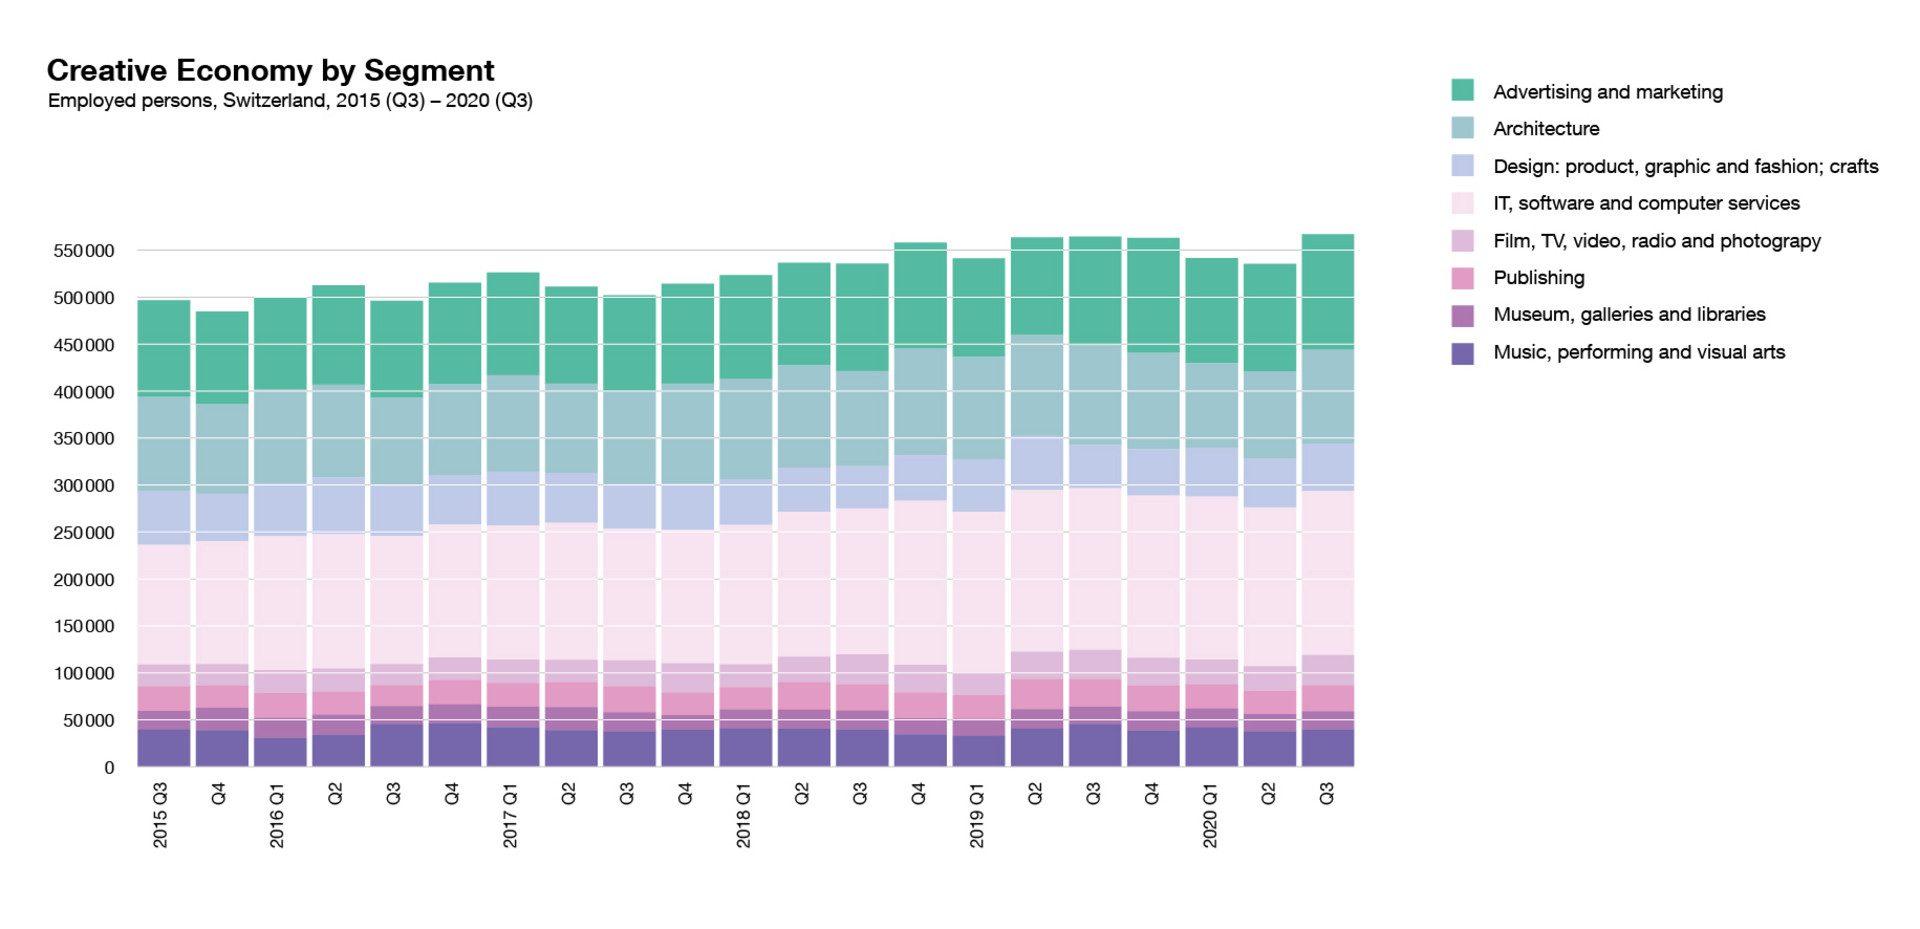 Diese Grafik zeigt alle Erwerbstätigen in der Kreativwirtschaft nach Subsektoren in der Schweiz im zeitlichen Verlauf von 2015 bis 2020. Quelle: BFS, SAKE, eigene Berechnungen ZCCE, ZHdK